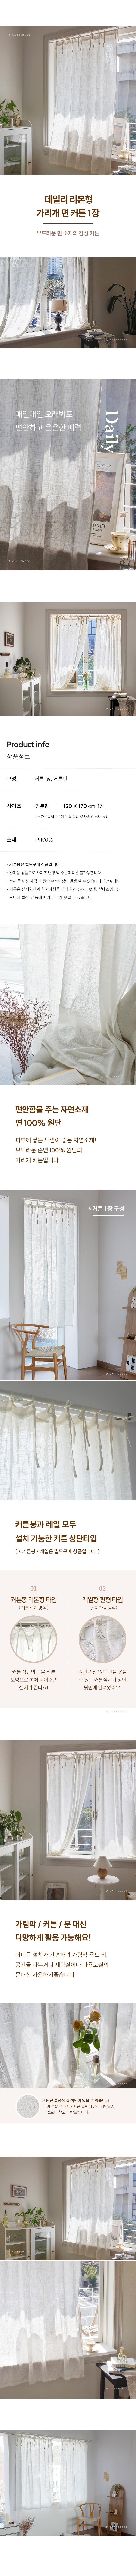 데일리 창문 핑크화이트